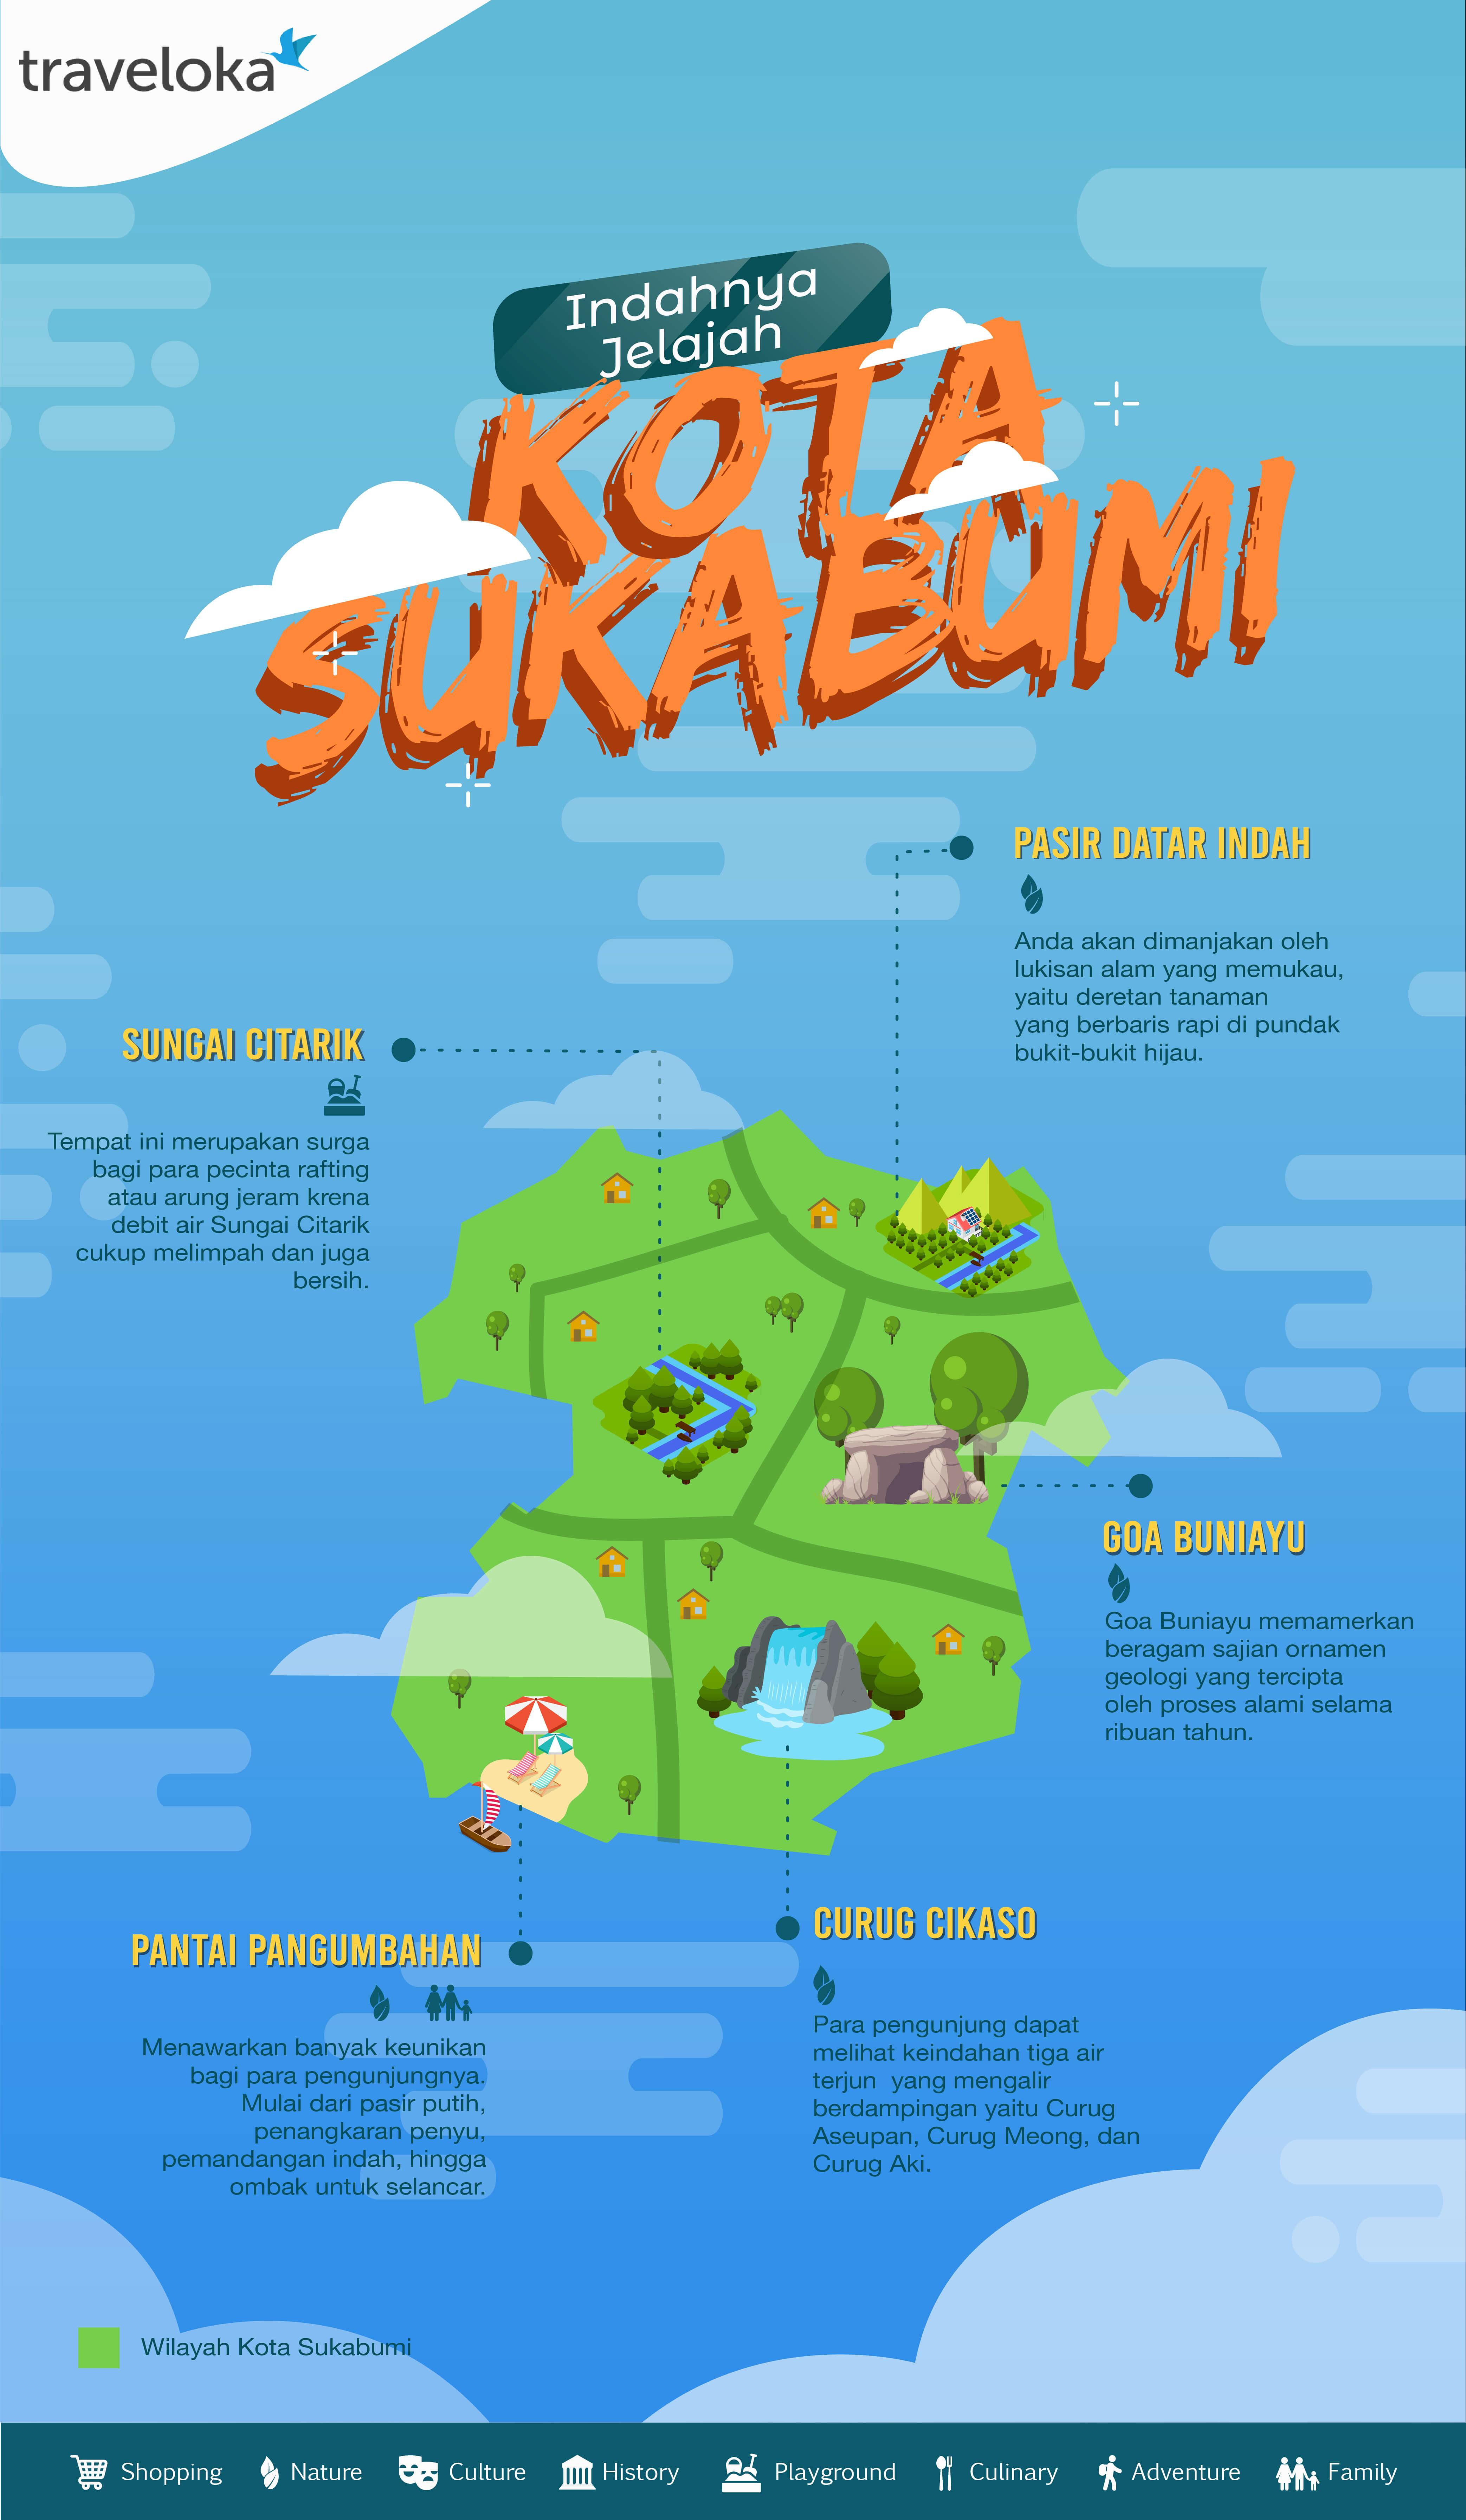 Wisata populer di Sukabumi